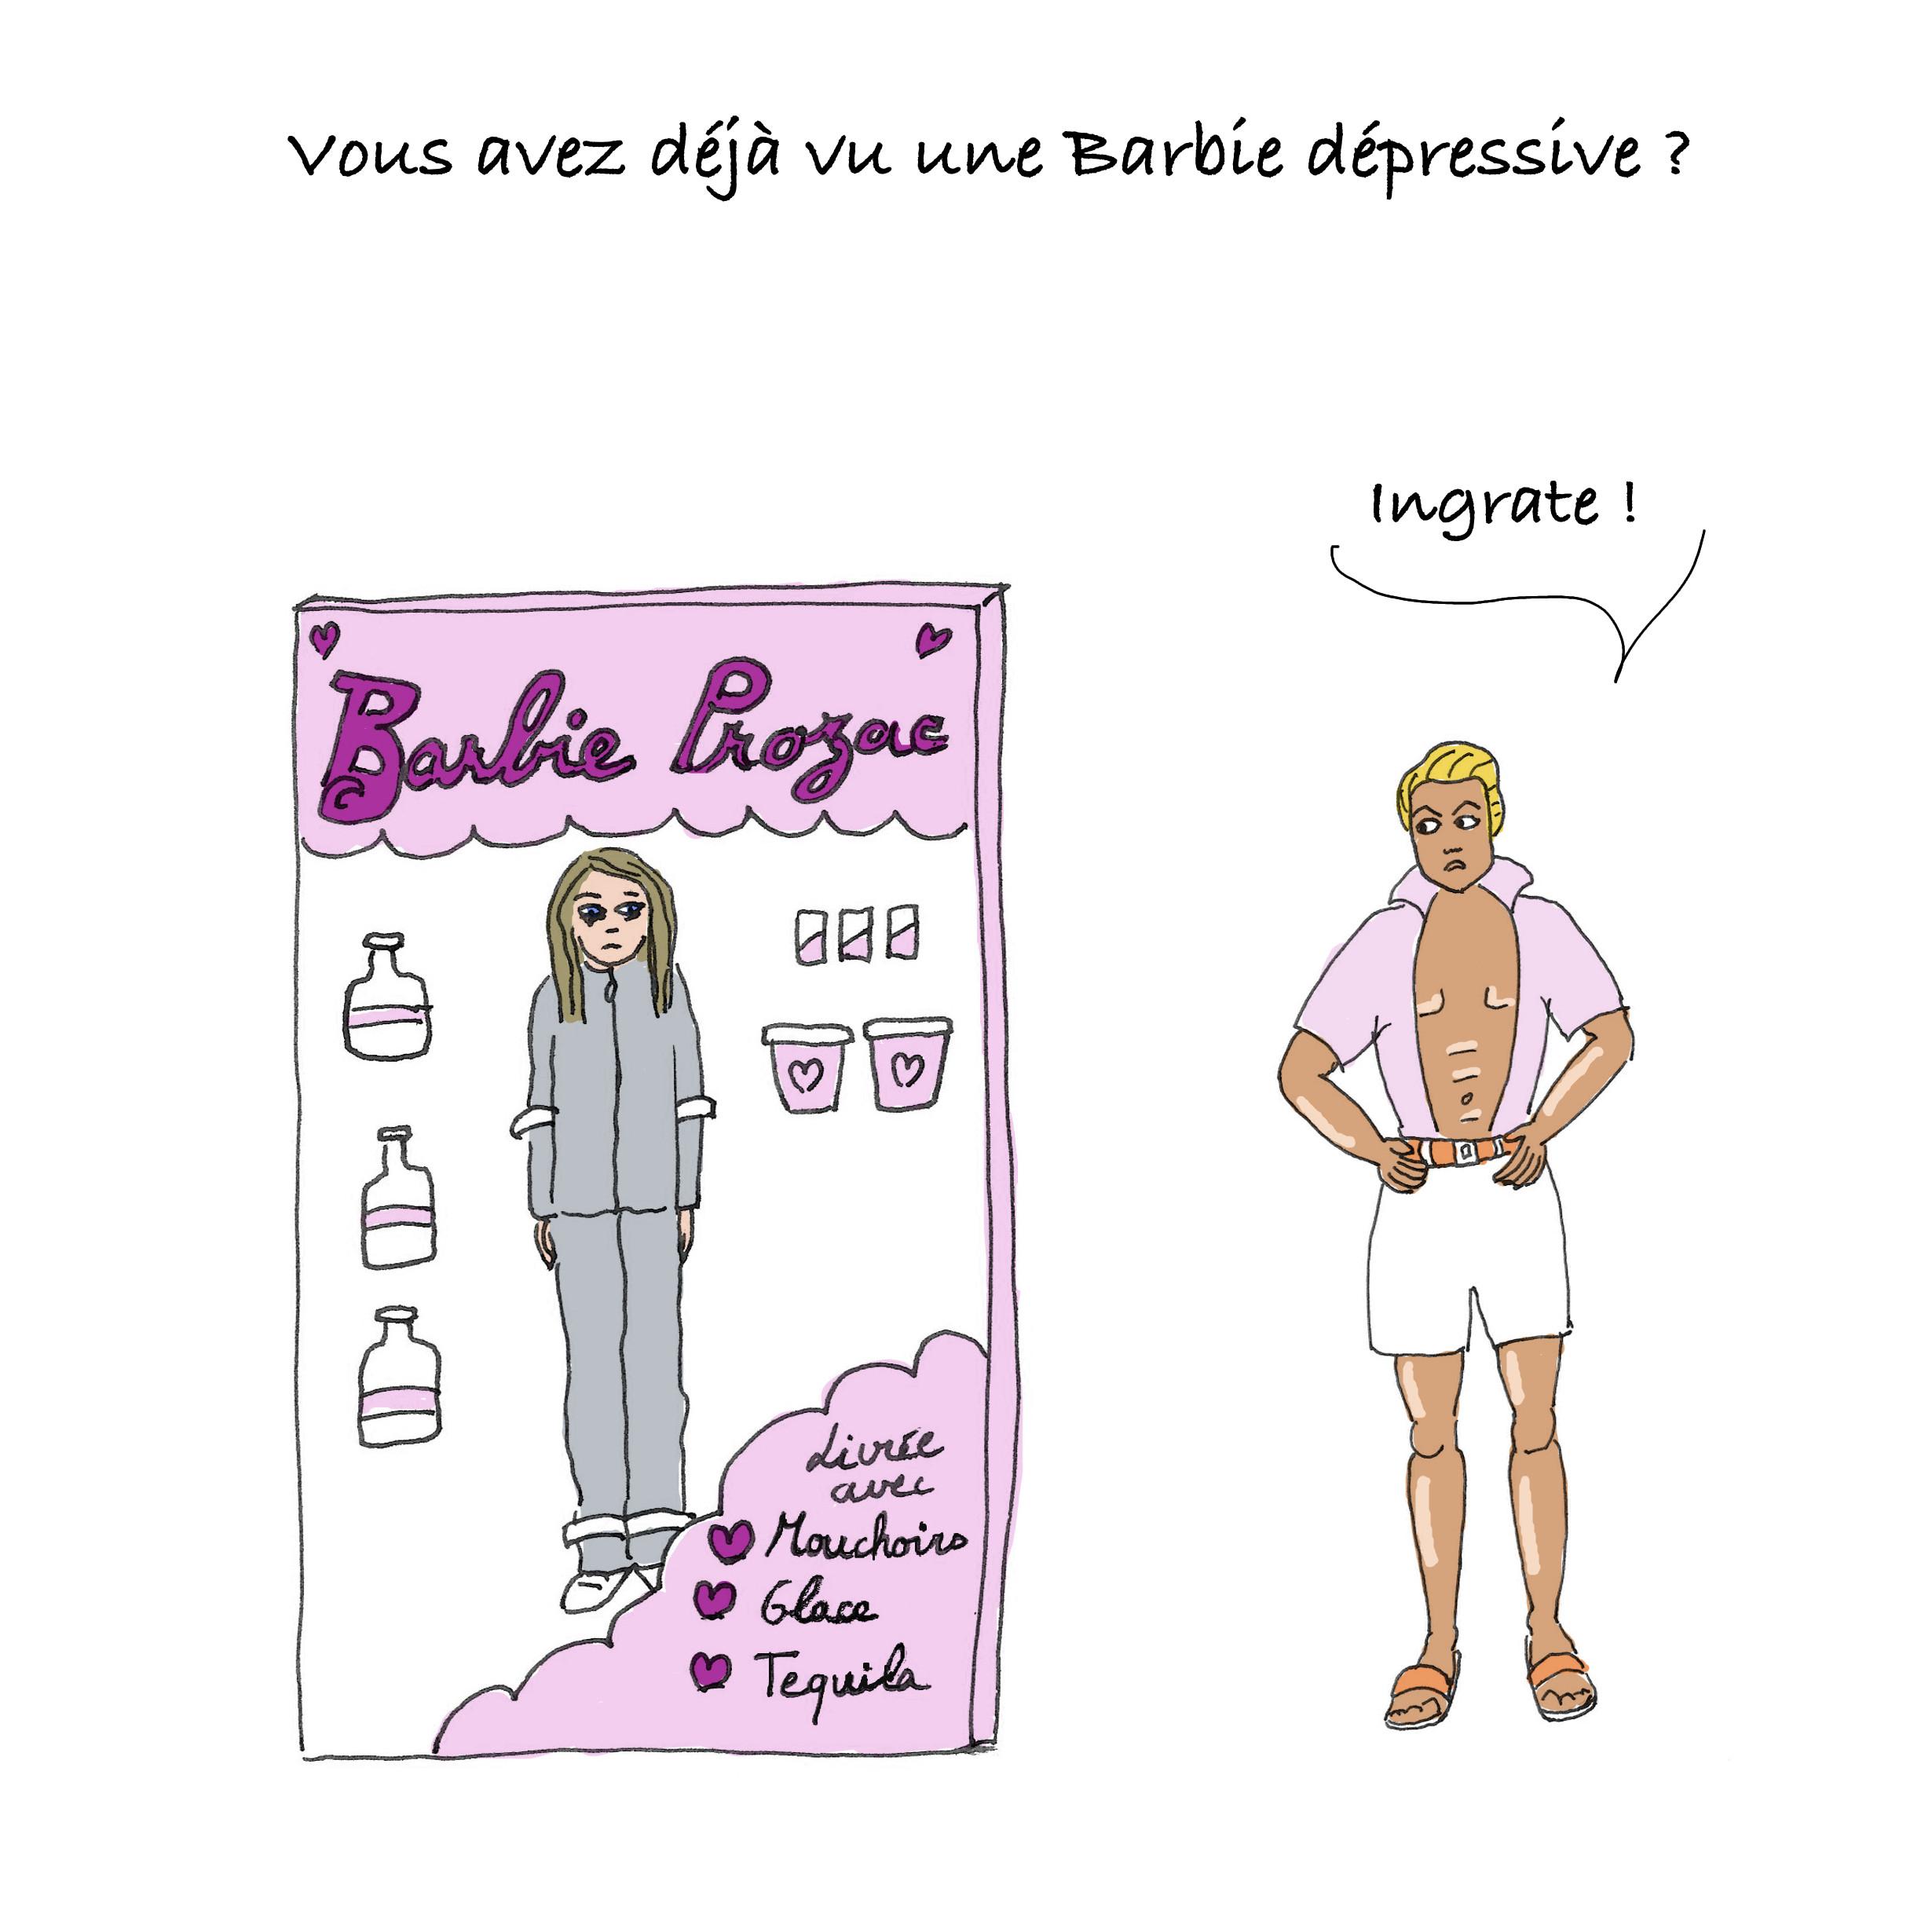 Ken reproche à Barbie Prozac d'être triste, alors qu'il couvre sa femme d'expat de cadeaux.